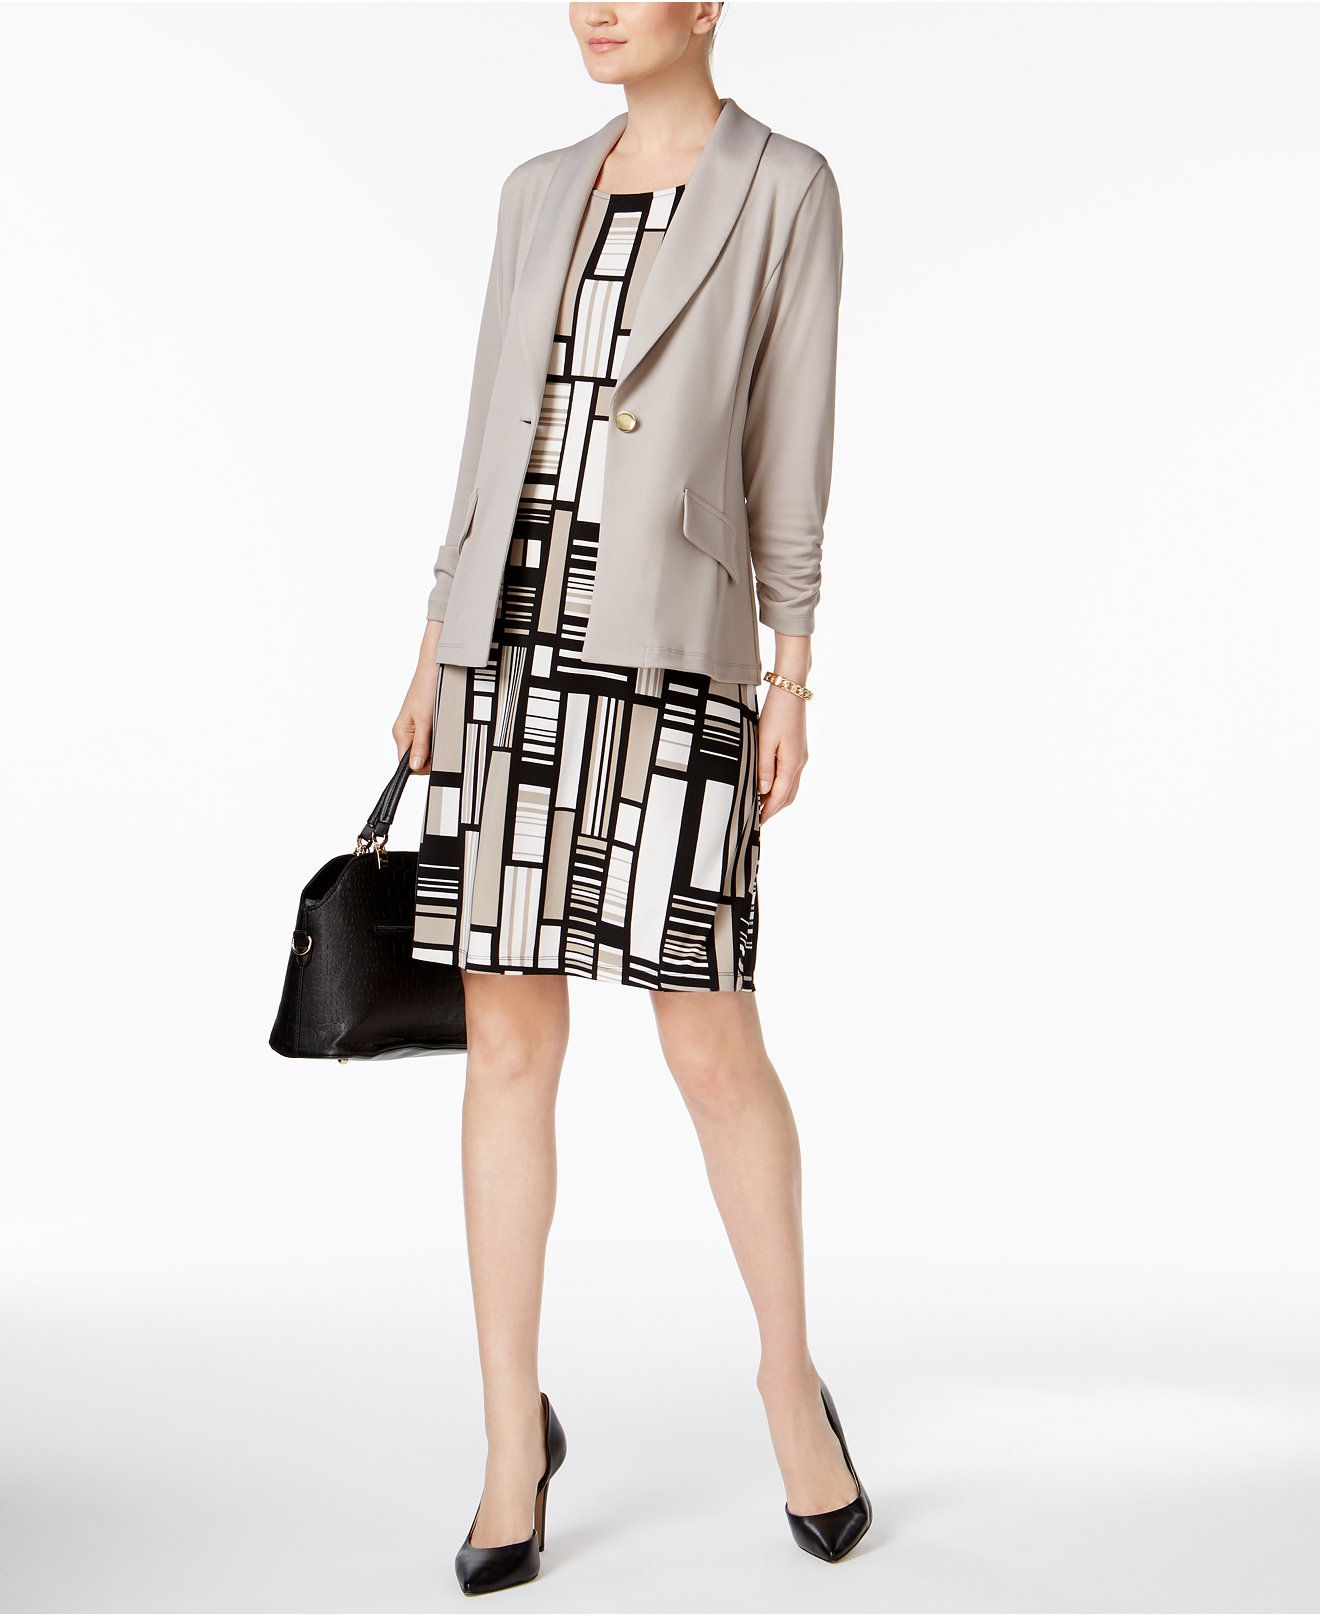 Kasper singlebutton jacket printed coldshoulder dress